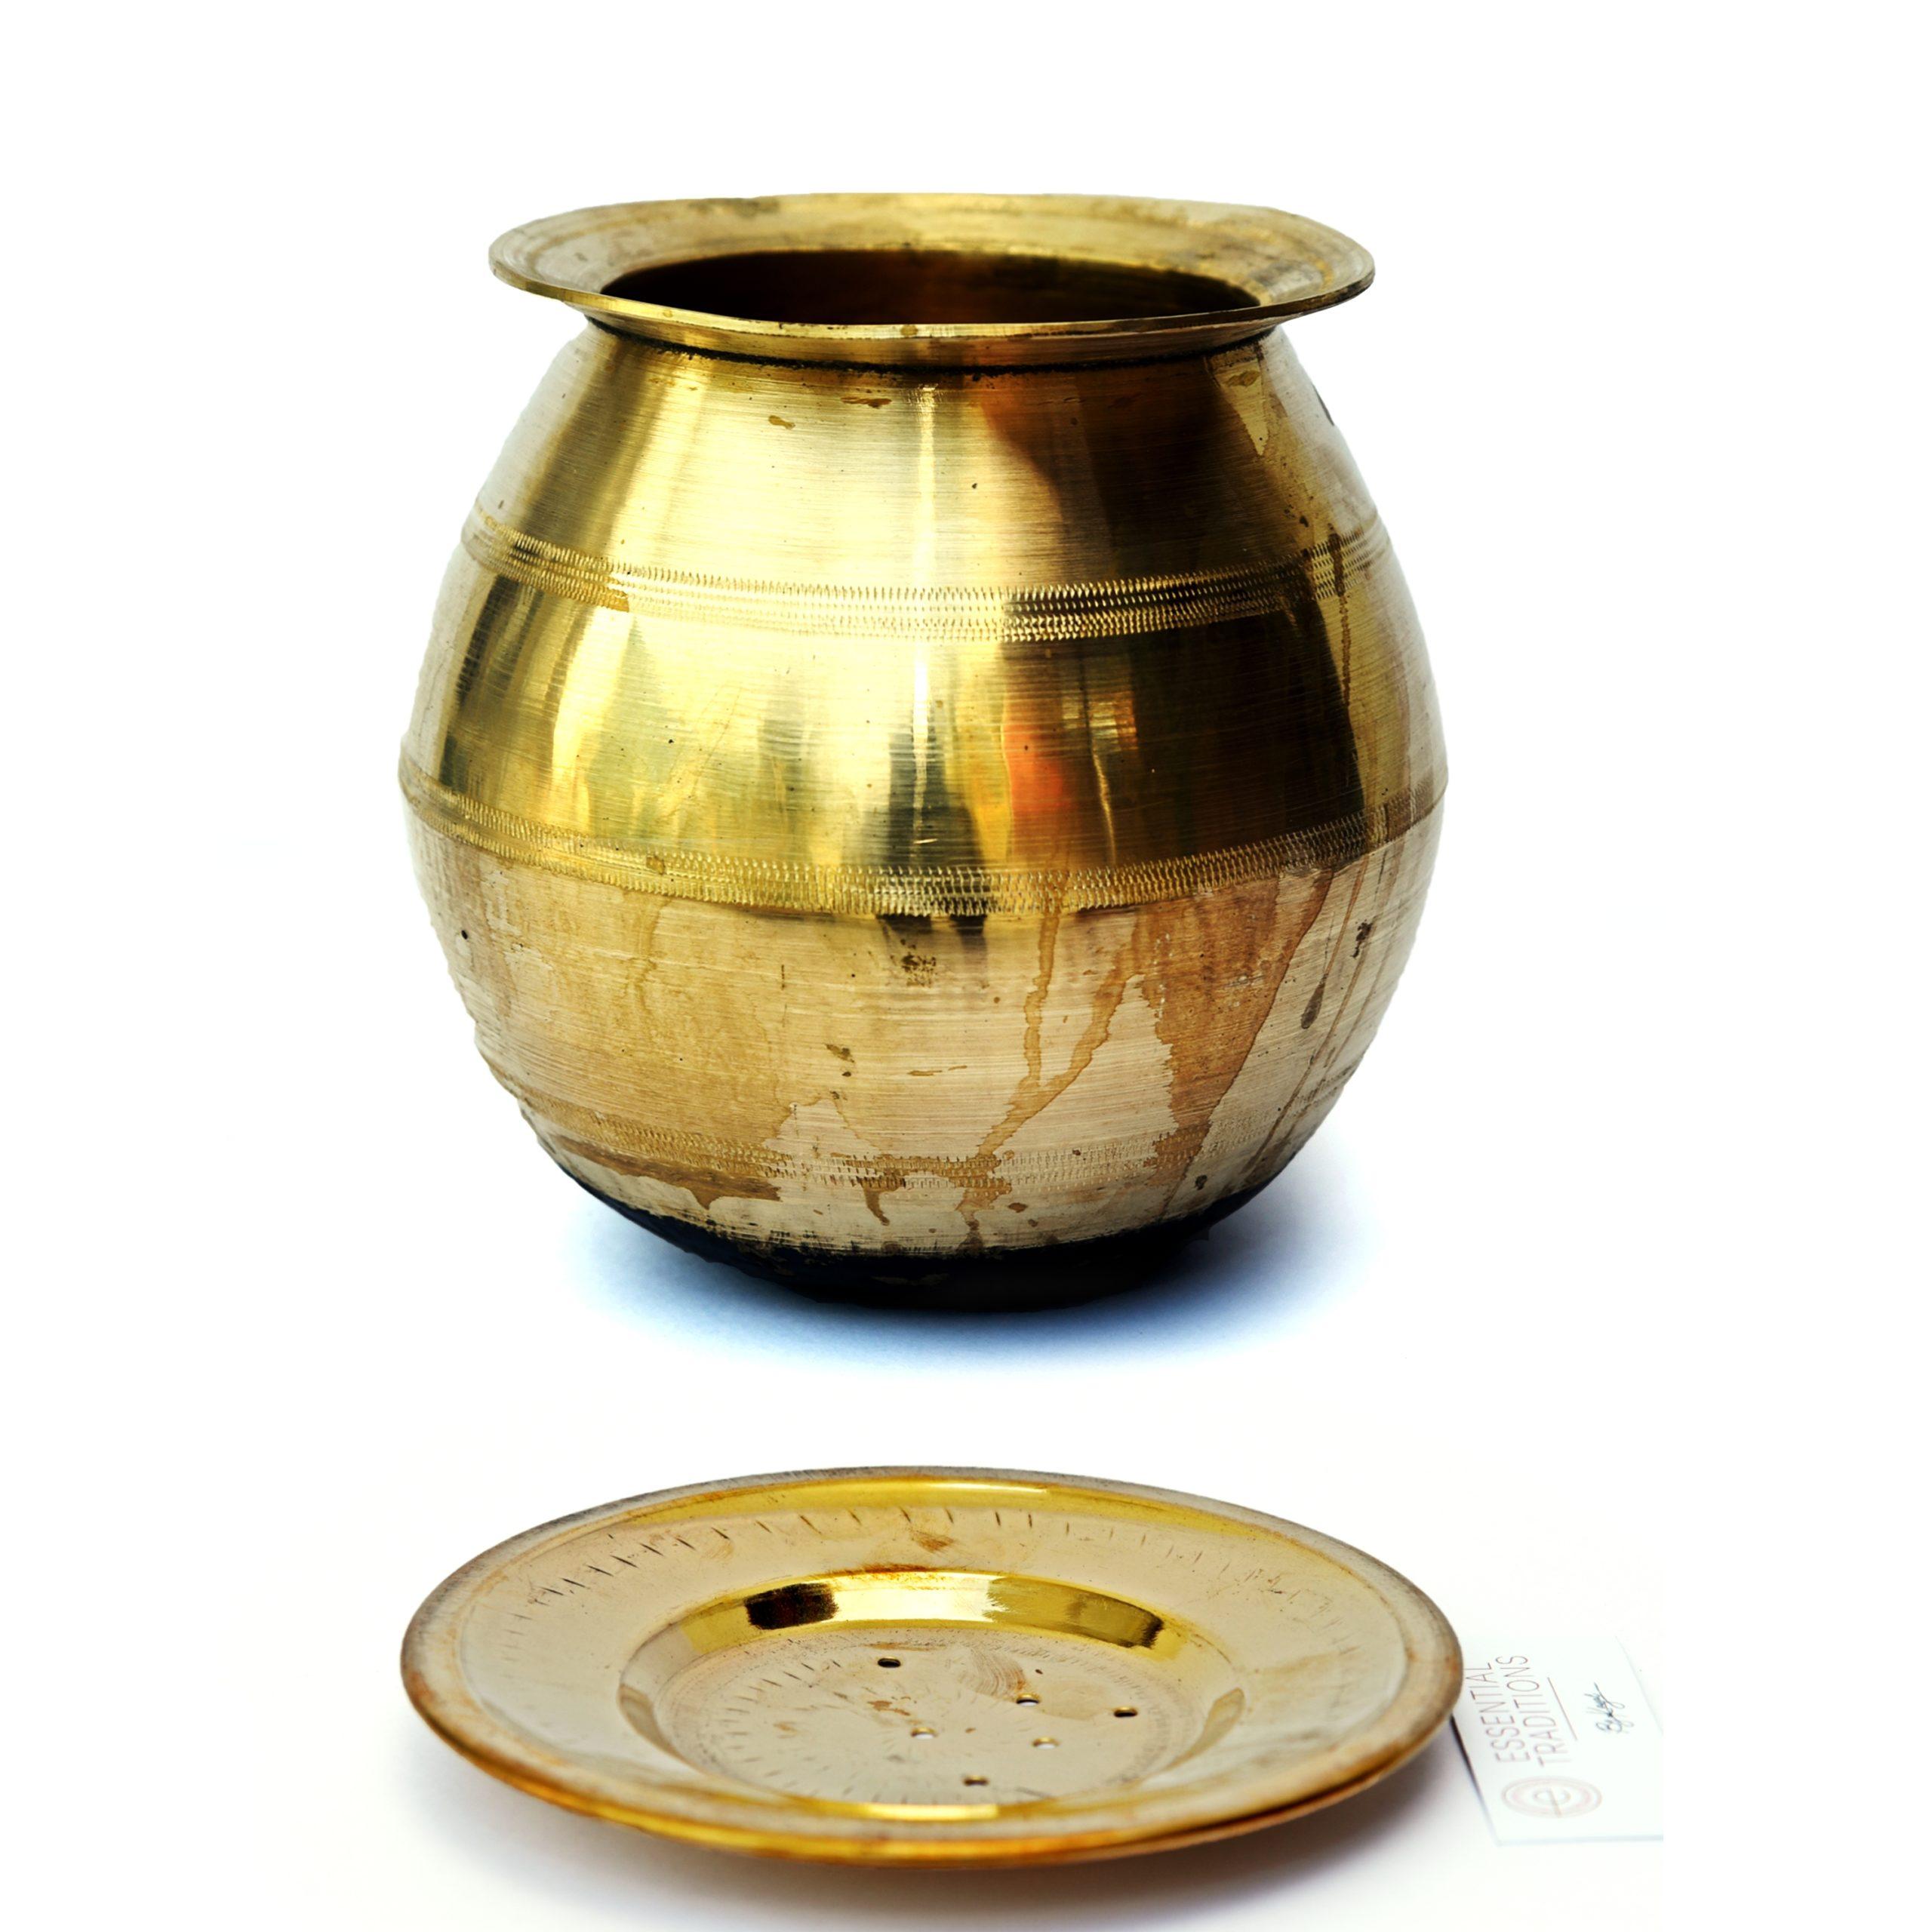 Bronze Cook Pot - 2 Litres